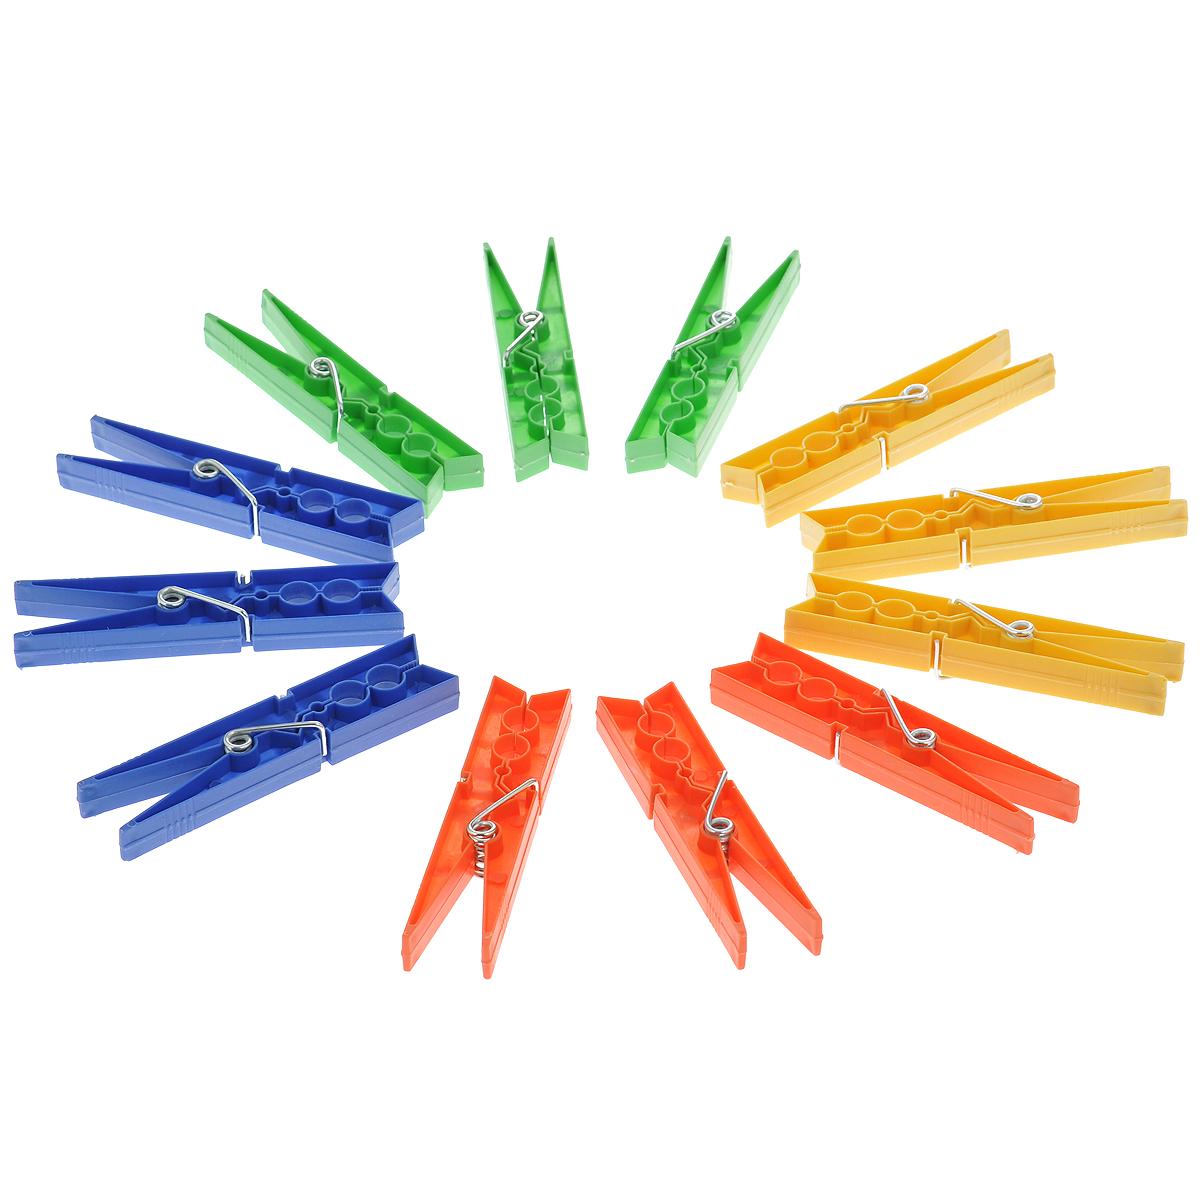 Прищепки цветные Хозяюшка Мила Большие, 12 шт36047Большие прищепки, изготовленные из пластика, станут незаменимыми для любой хозяйки. Изделия выполнены в четырех цветах: зеленом, синем, желтом и оранжевом. В наборе - 12 прищепок. Длина прищепки: 10 см. Комплектация: 12 шт.